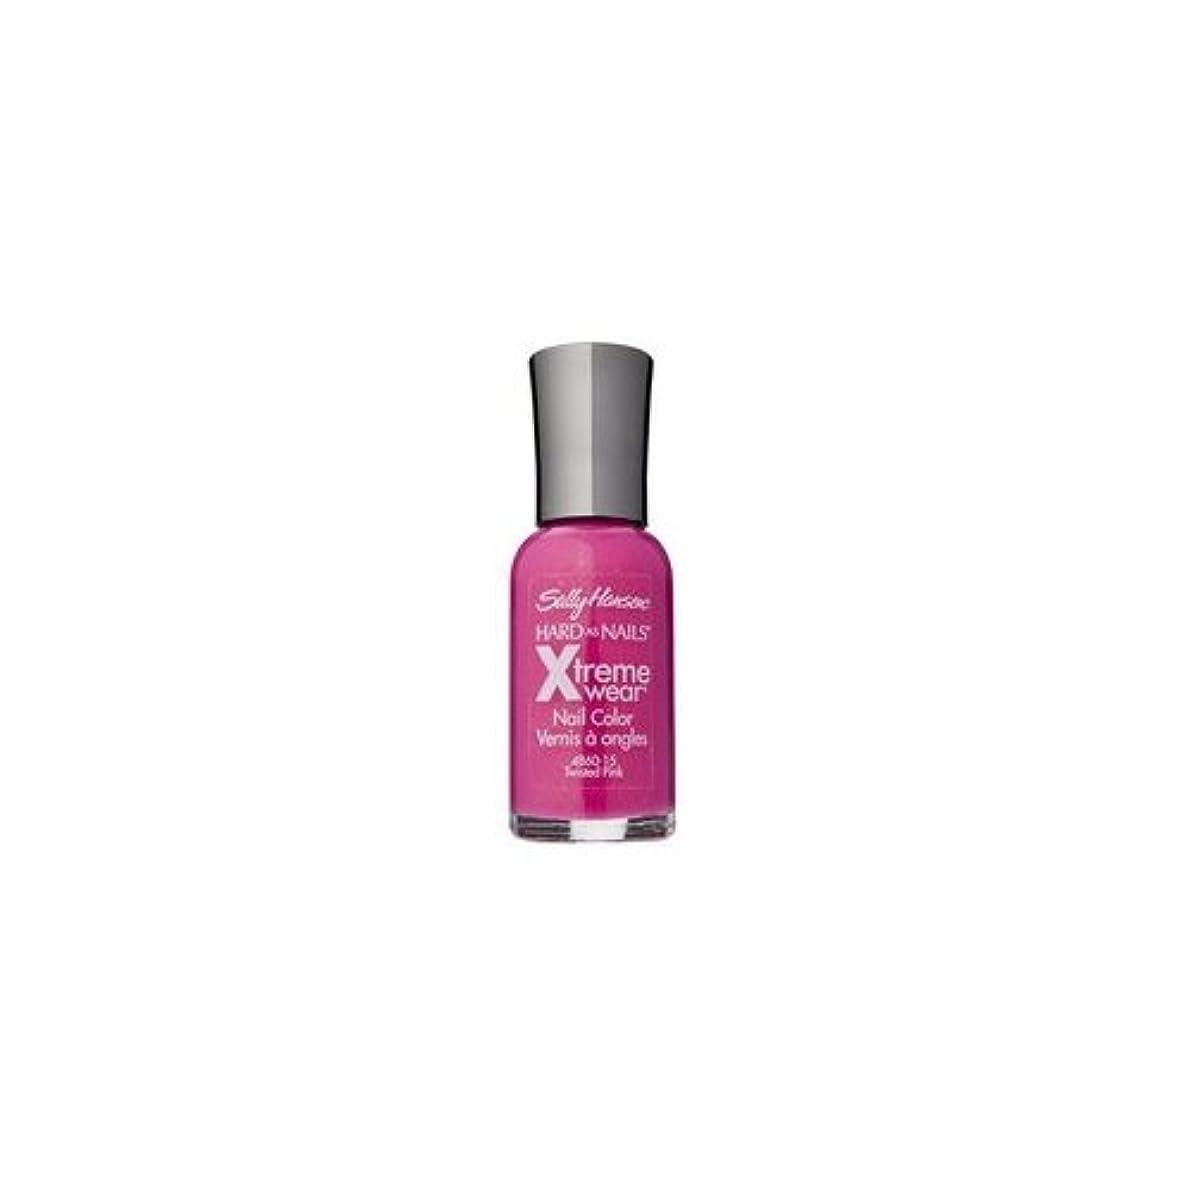 流星曲線論理的に(3 Pack) SALLY HANSEN Hard As Nails Xtreme Wear - Twisted Pink (並行輸入品)